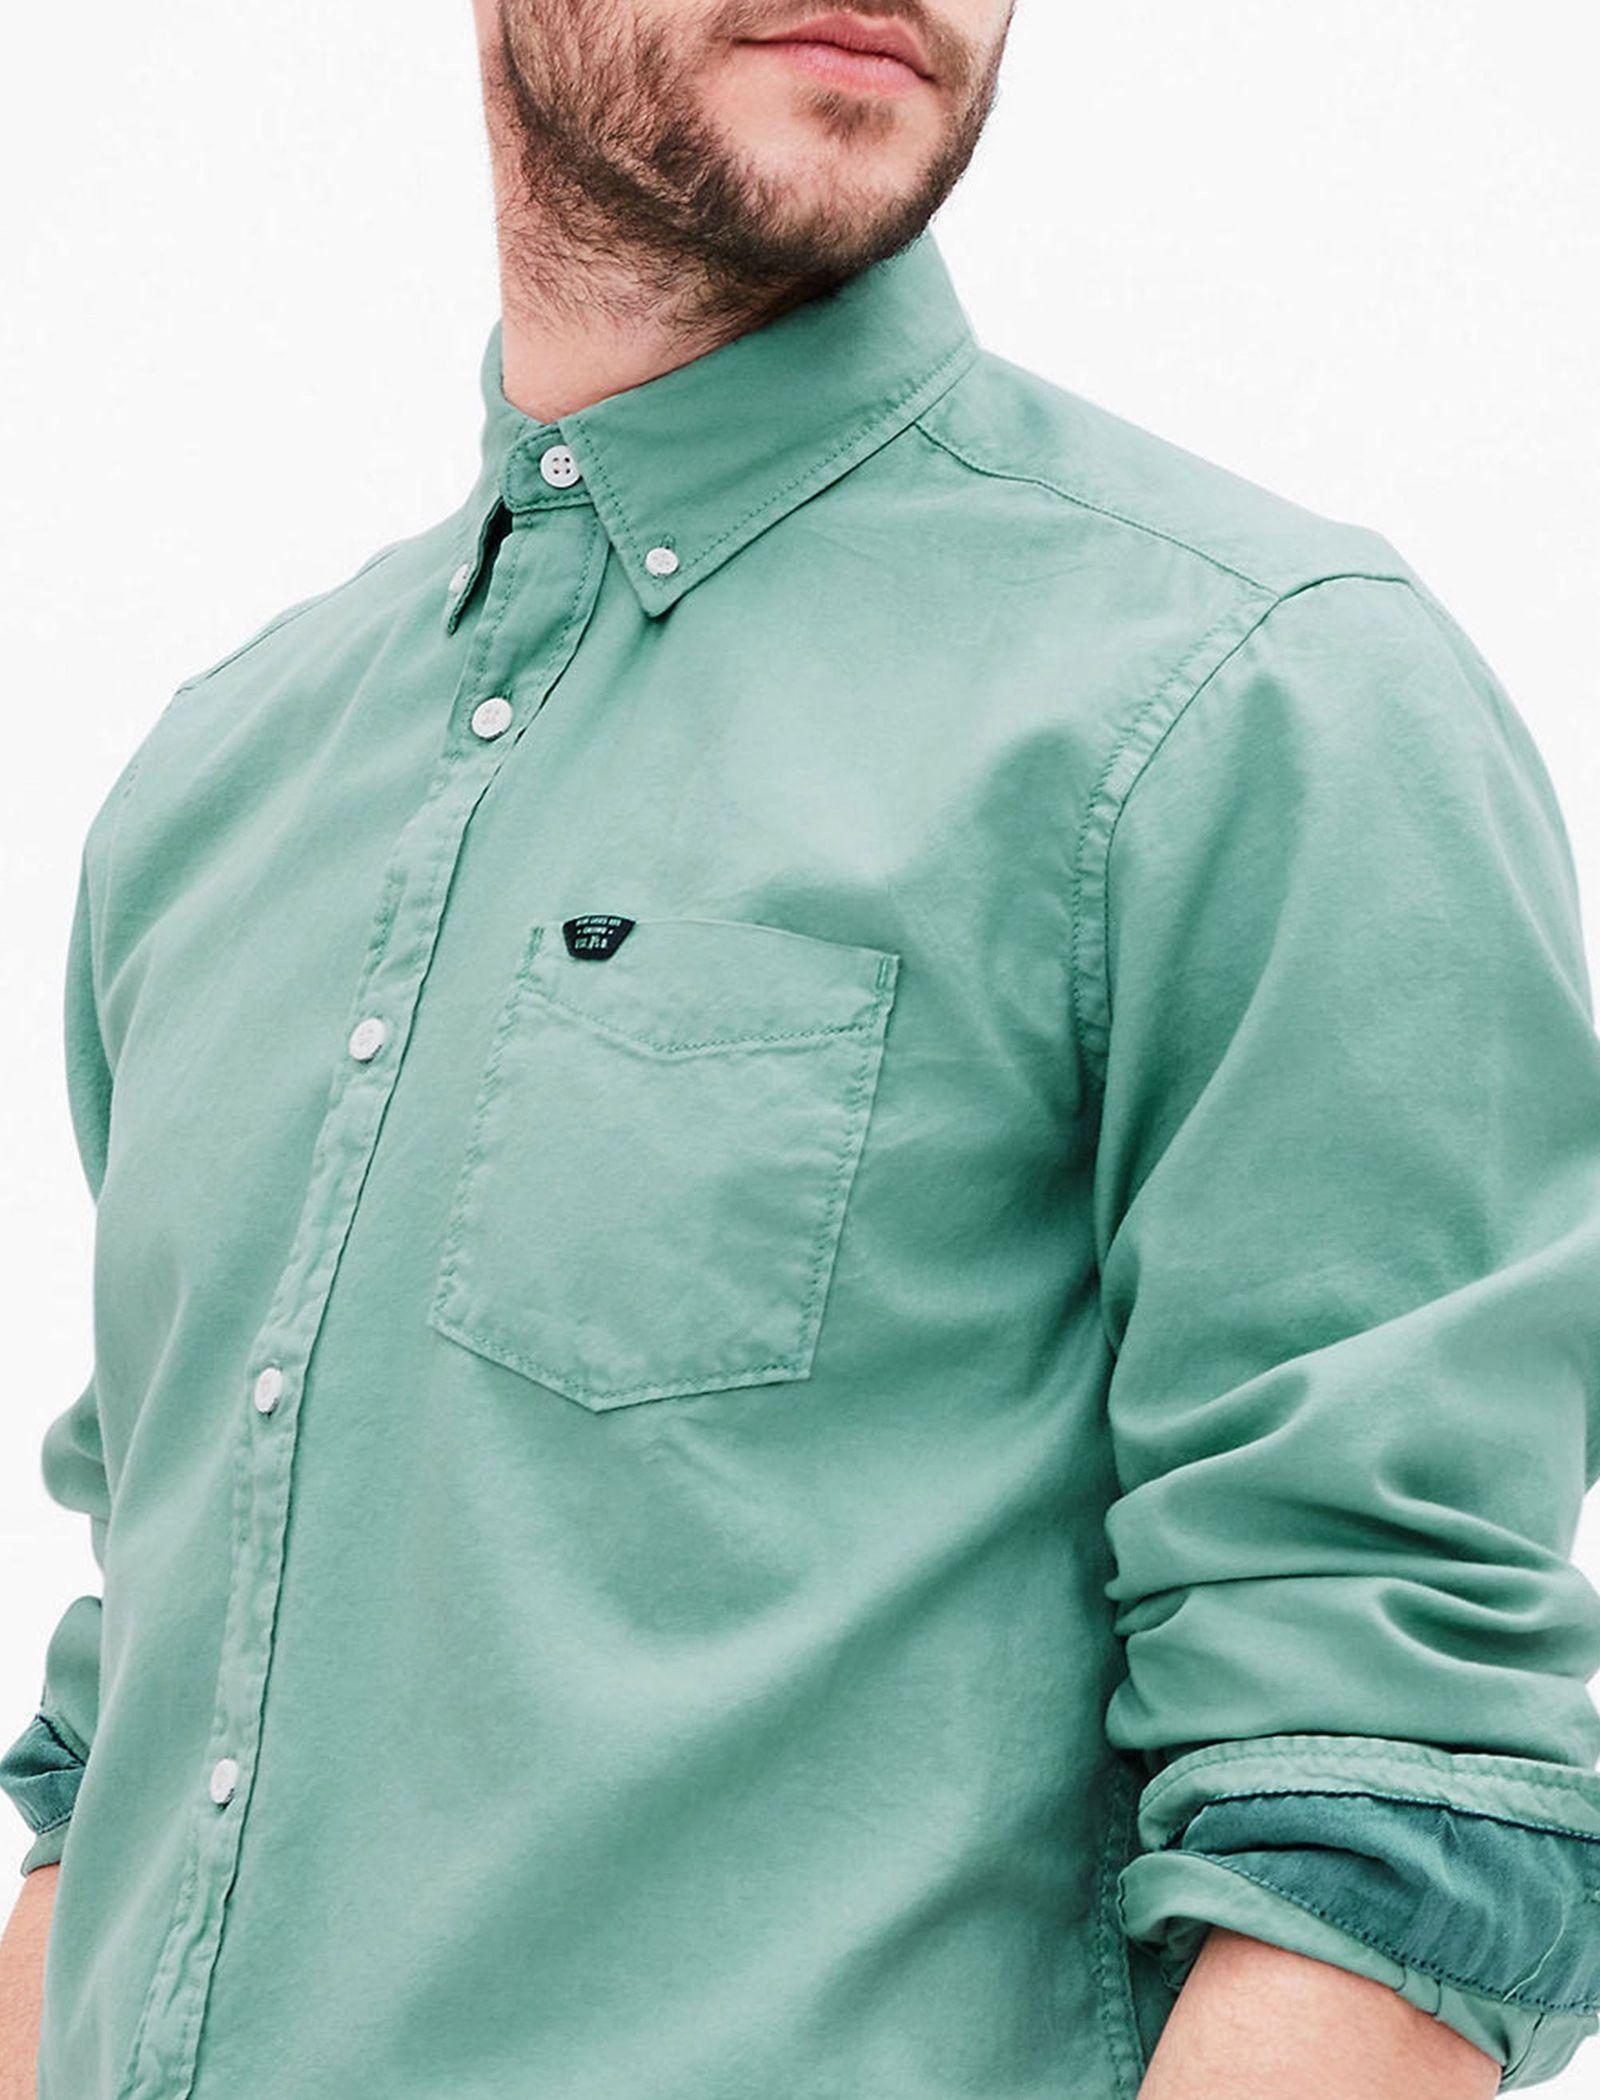 پیراهن نخی آستین بلند مردانه - اس.اولیور - سبز - 6